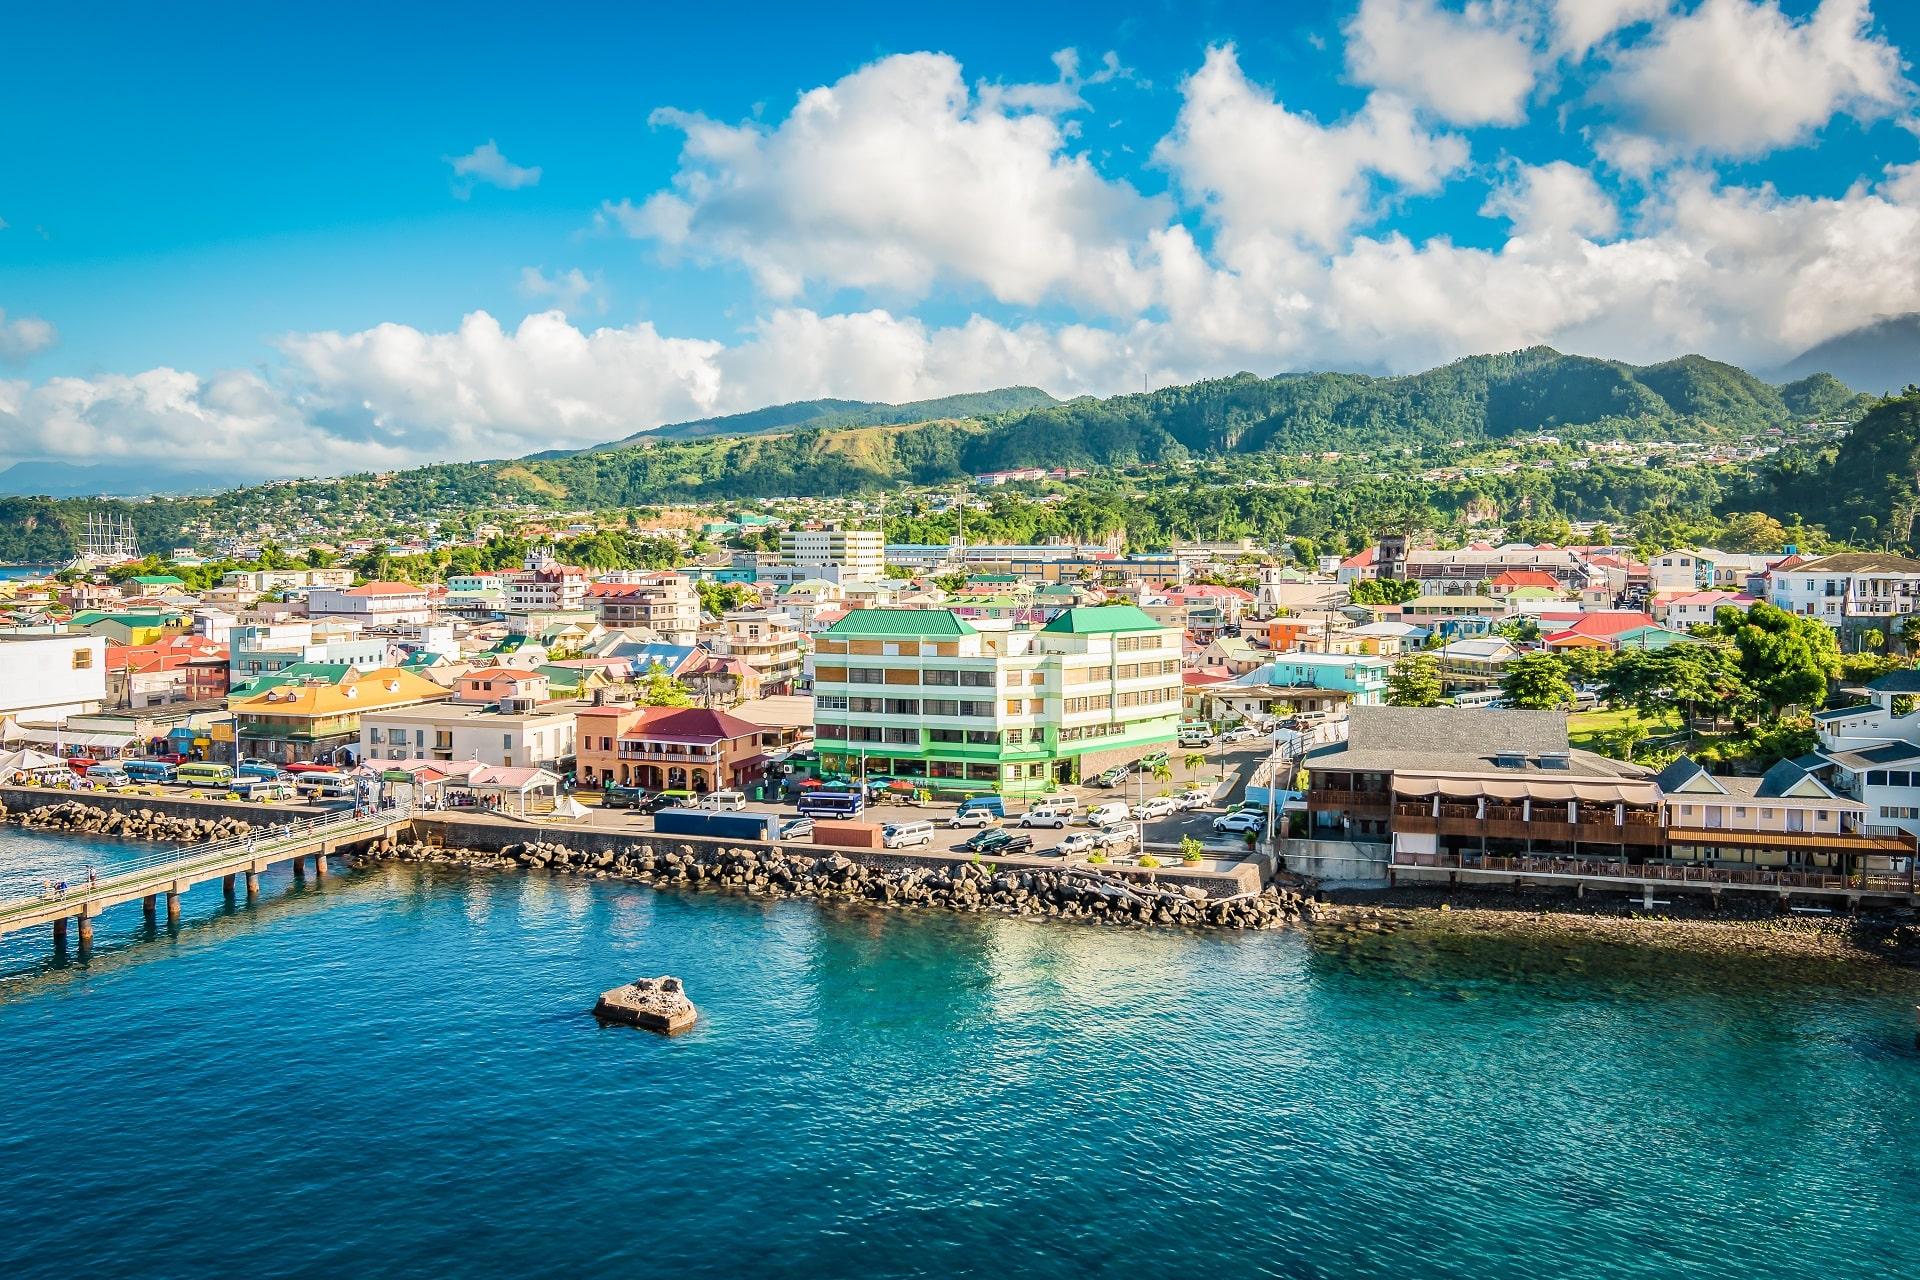 Roseau-Dominica